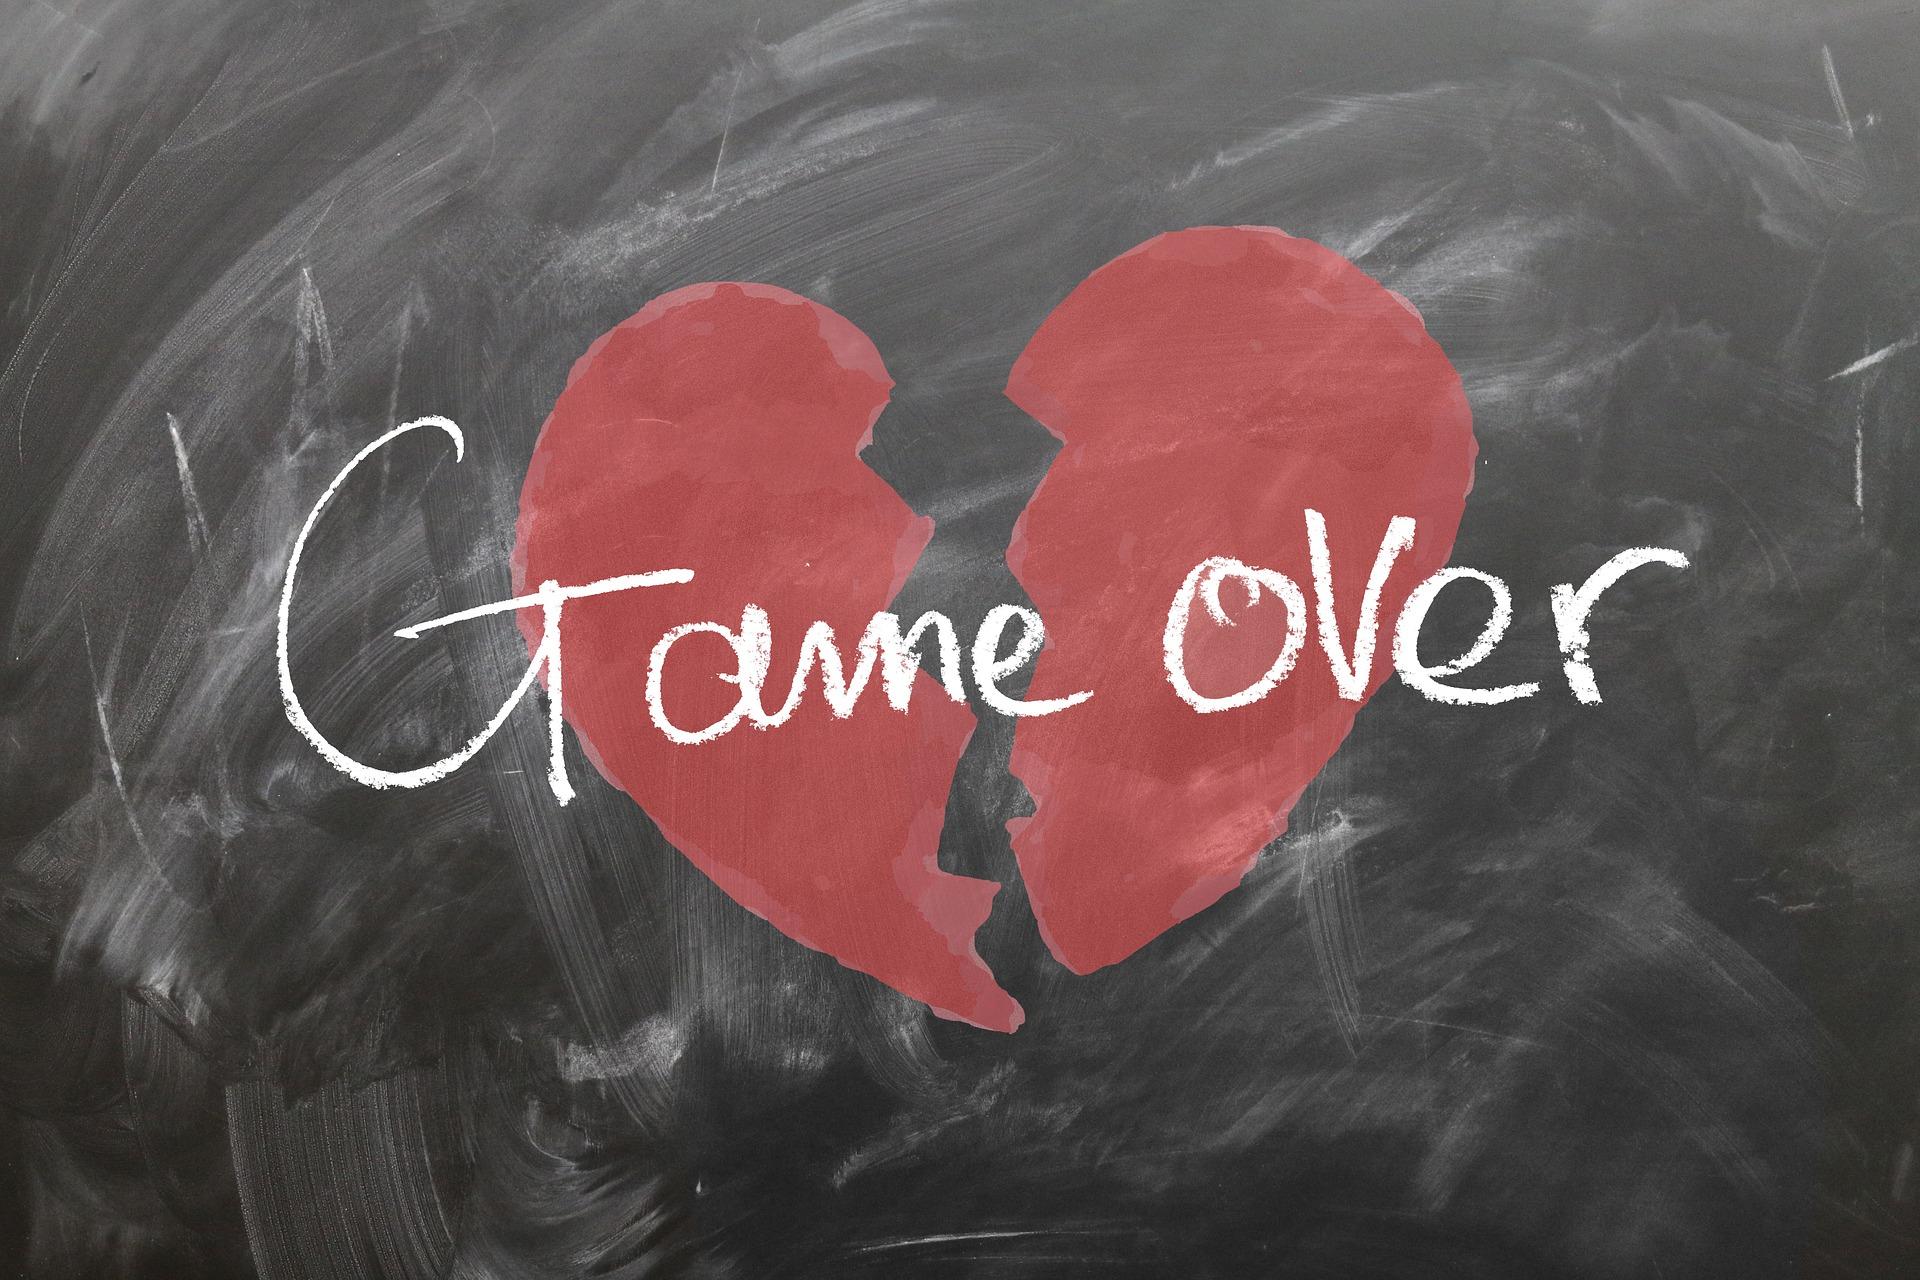 Cuore infranto che definisce la differenza fra innamorarsi e amare